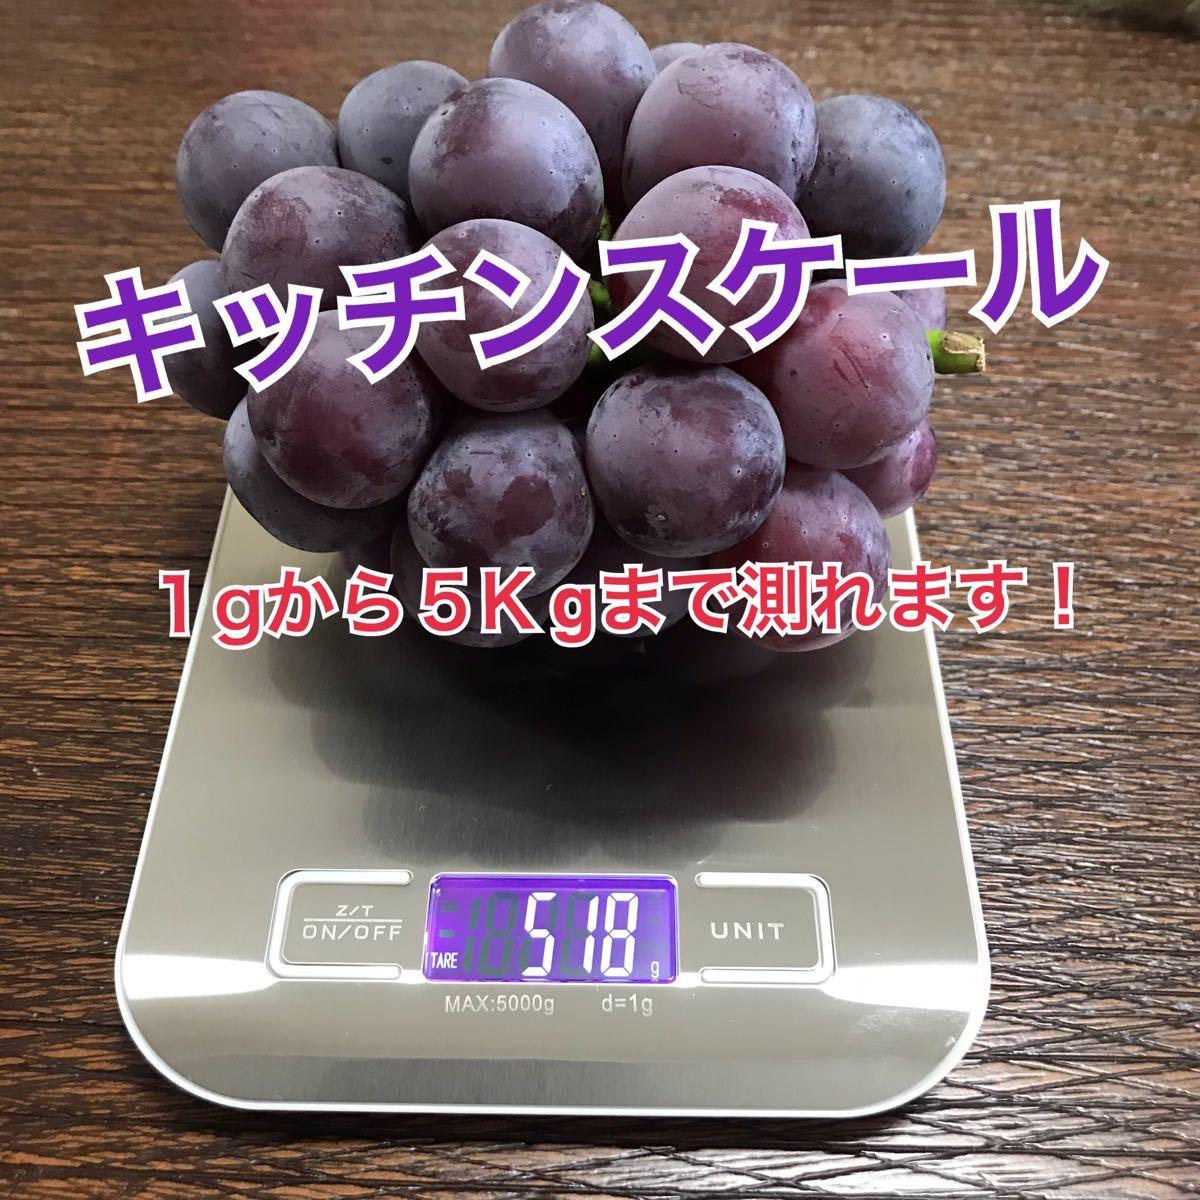 デジタルキッチンスケール1gから5キロ対応 計量器 シルバー色